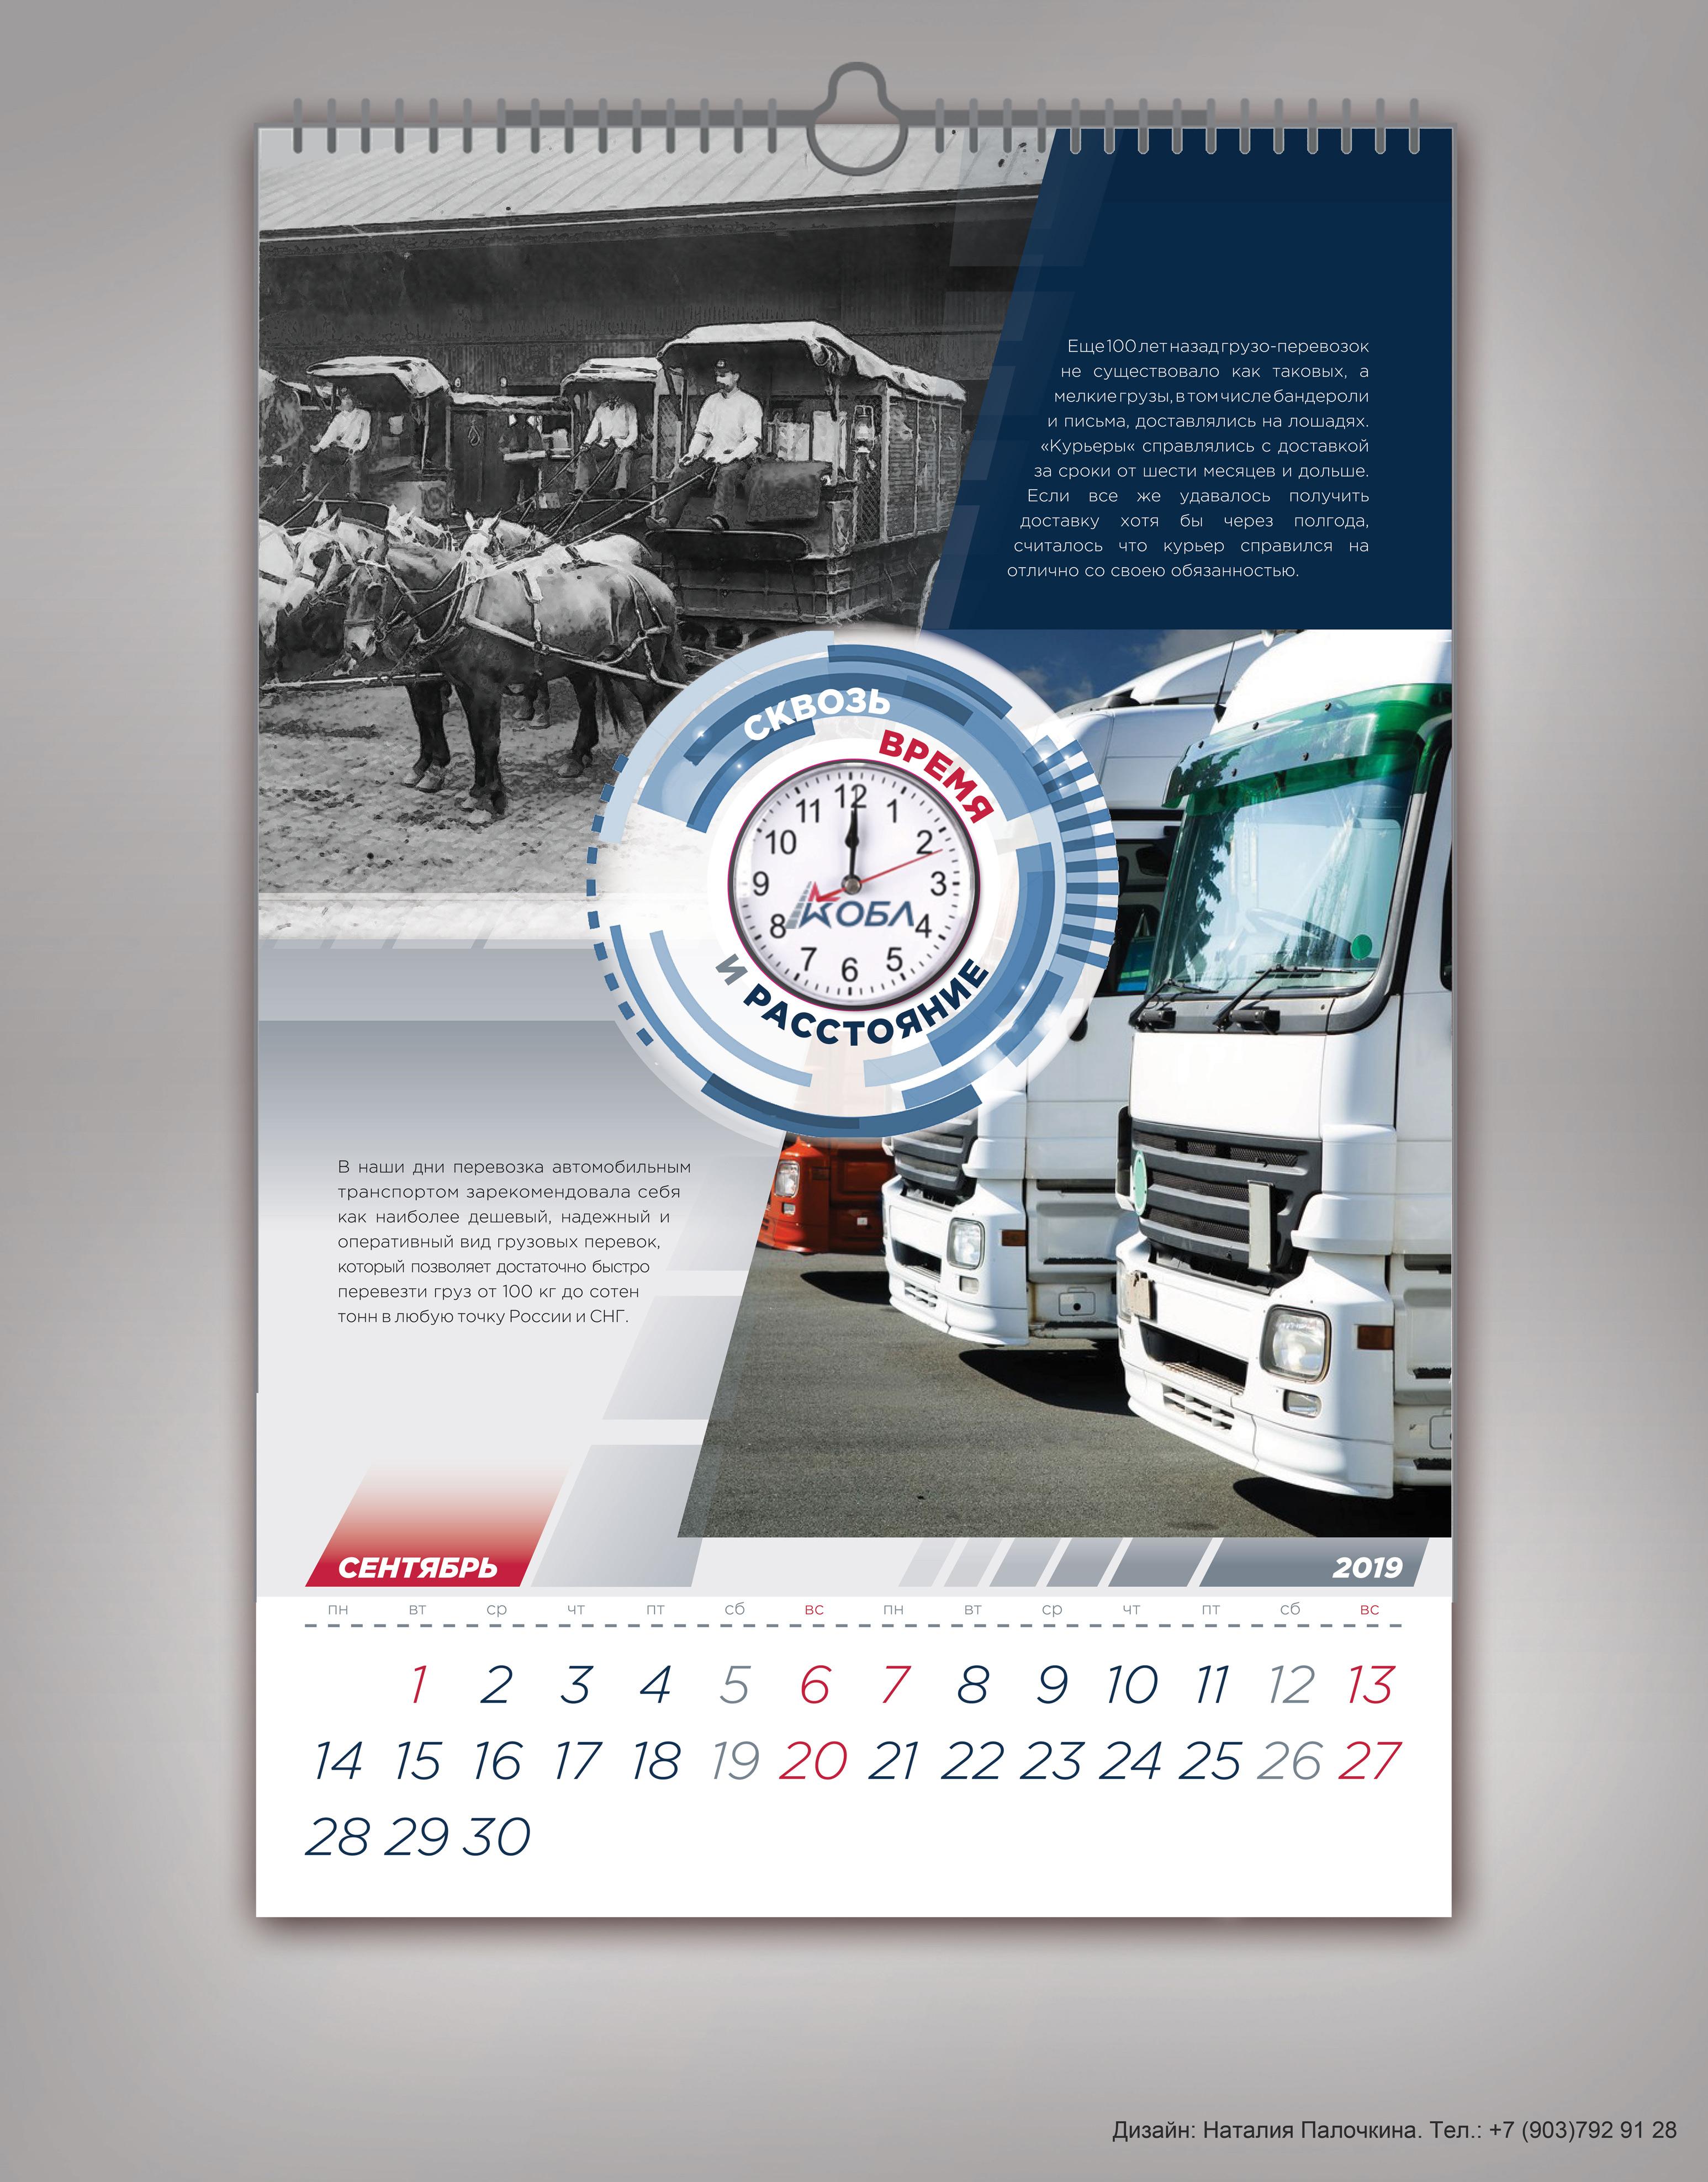 Дизайн корпоративного календаря фото f_6015bed0c1eb6338.jpg